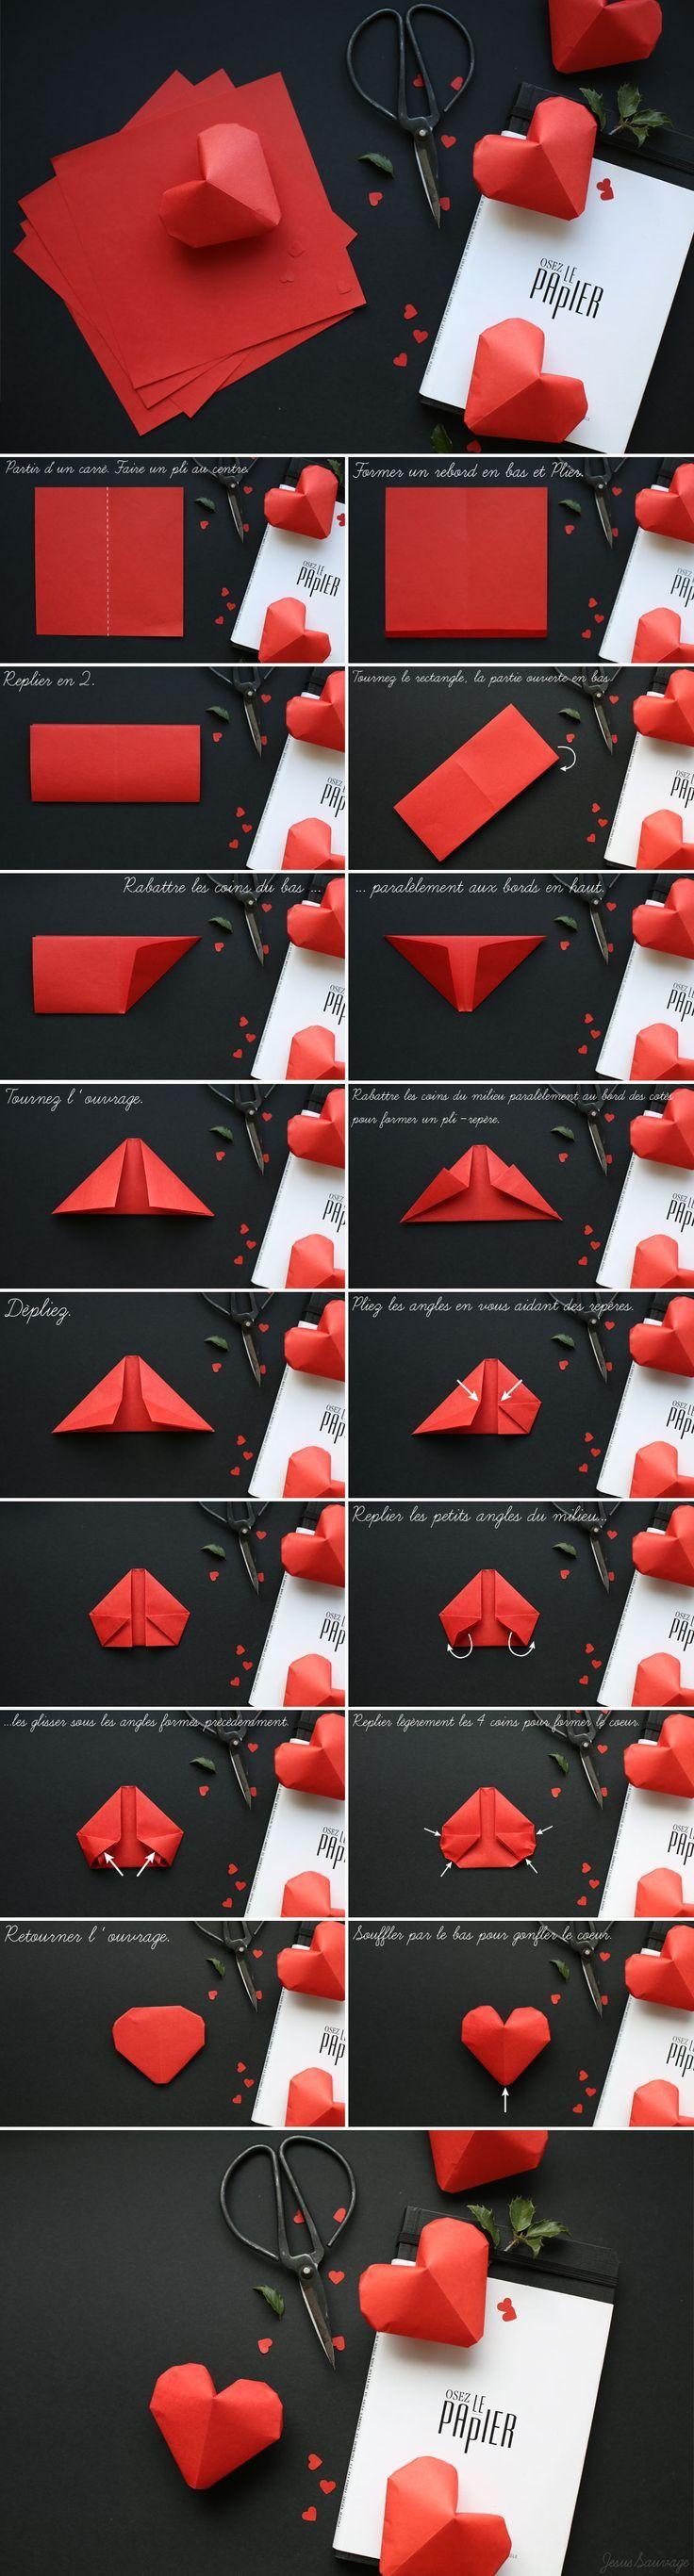 Corazones de Origami / Origami hearts